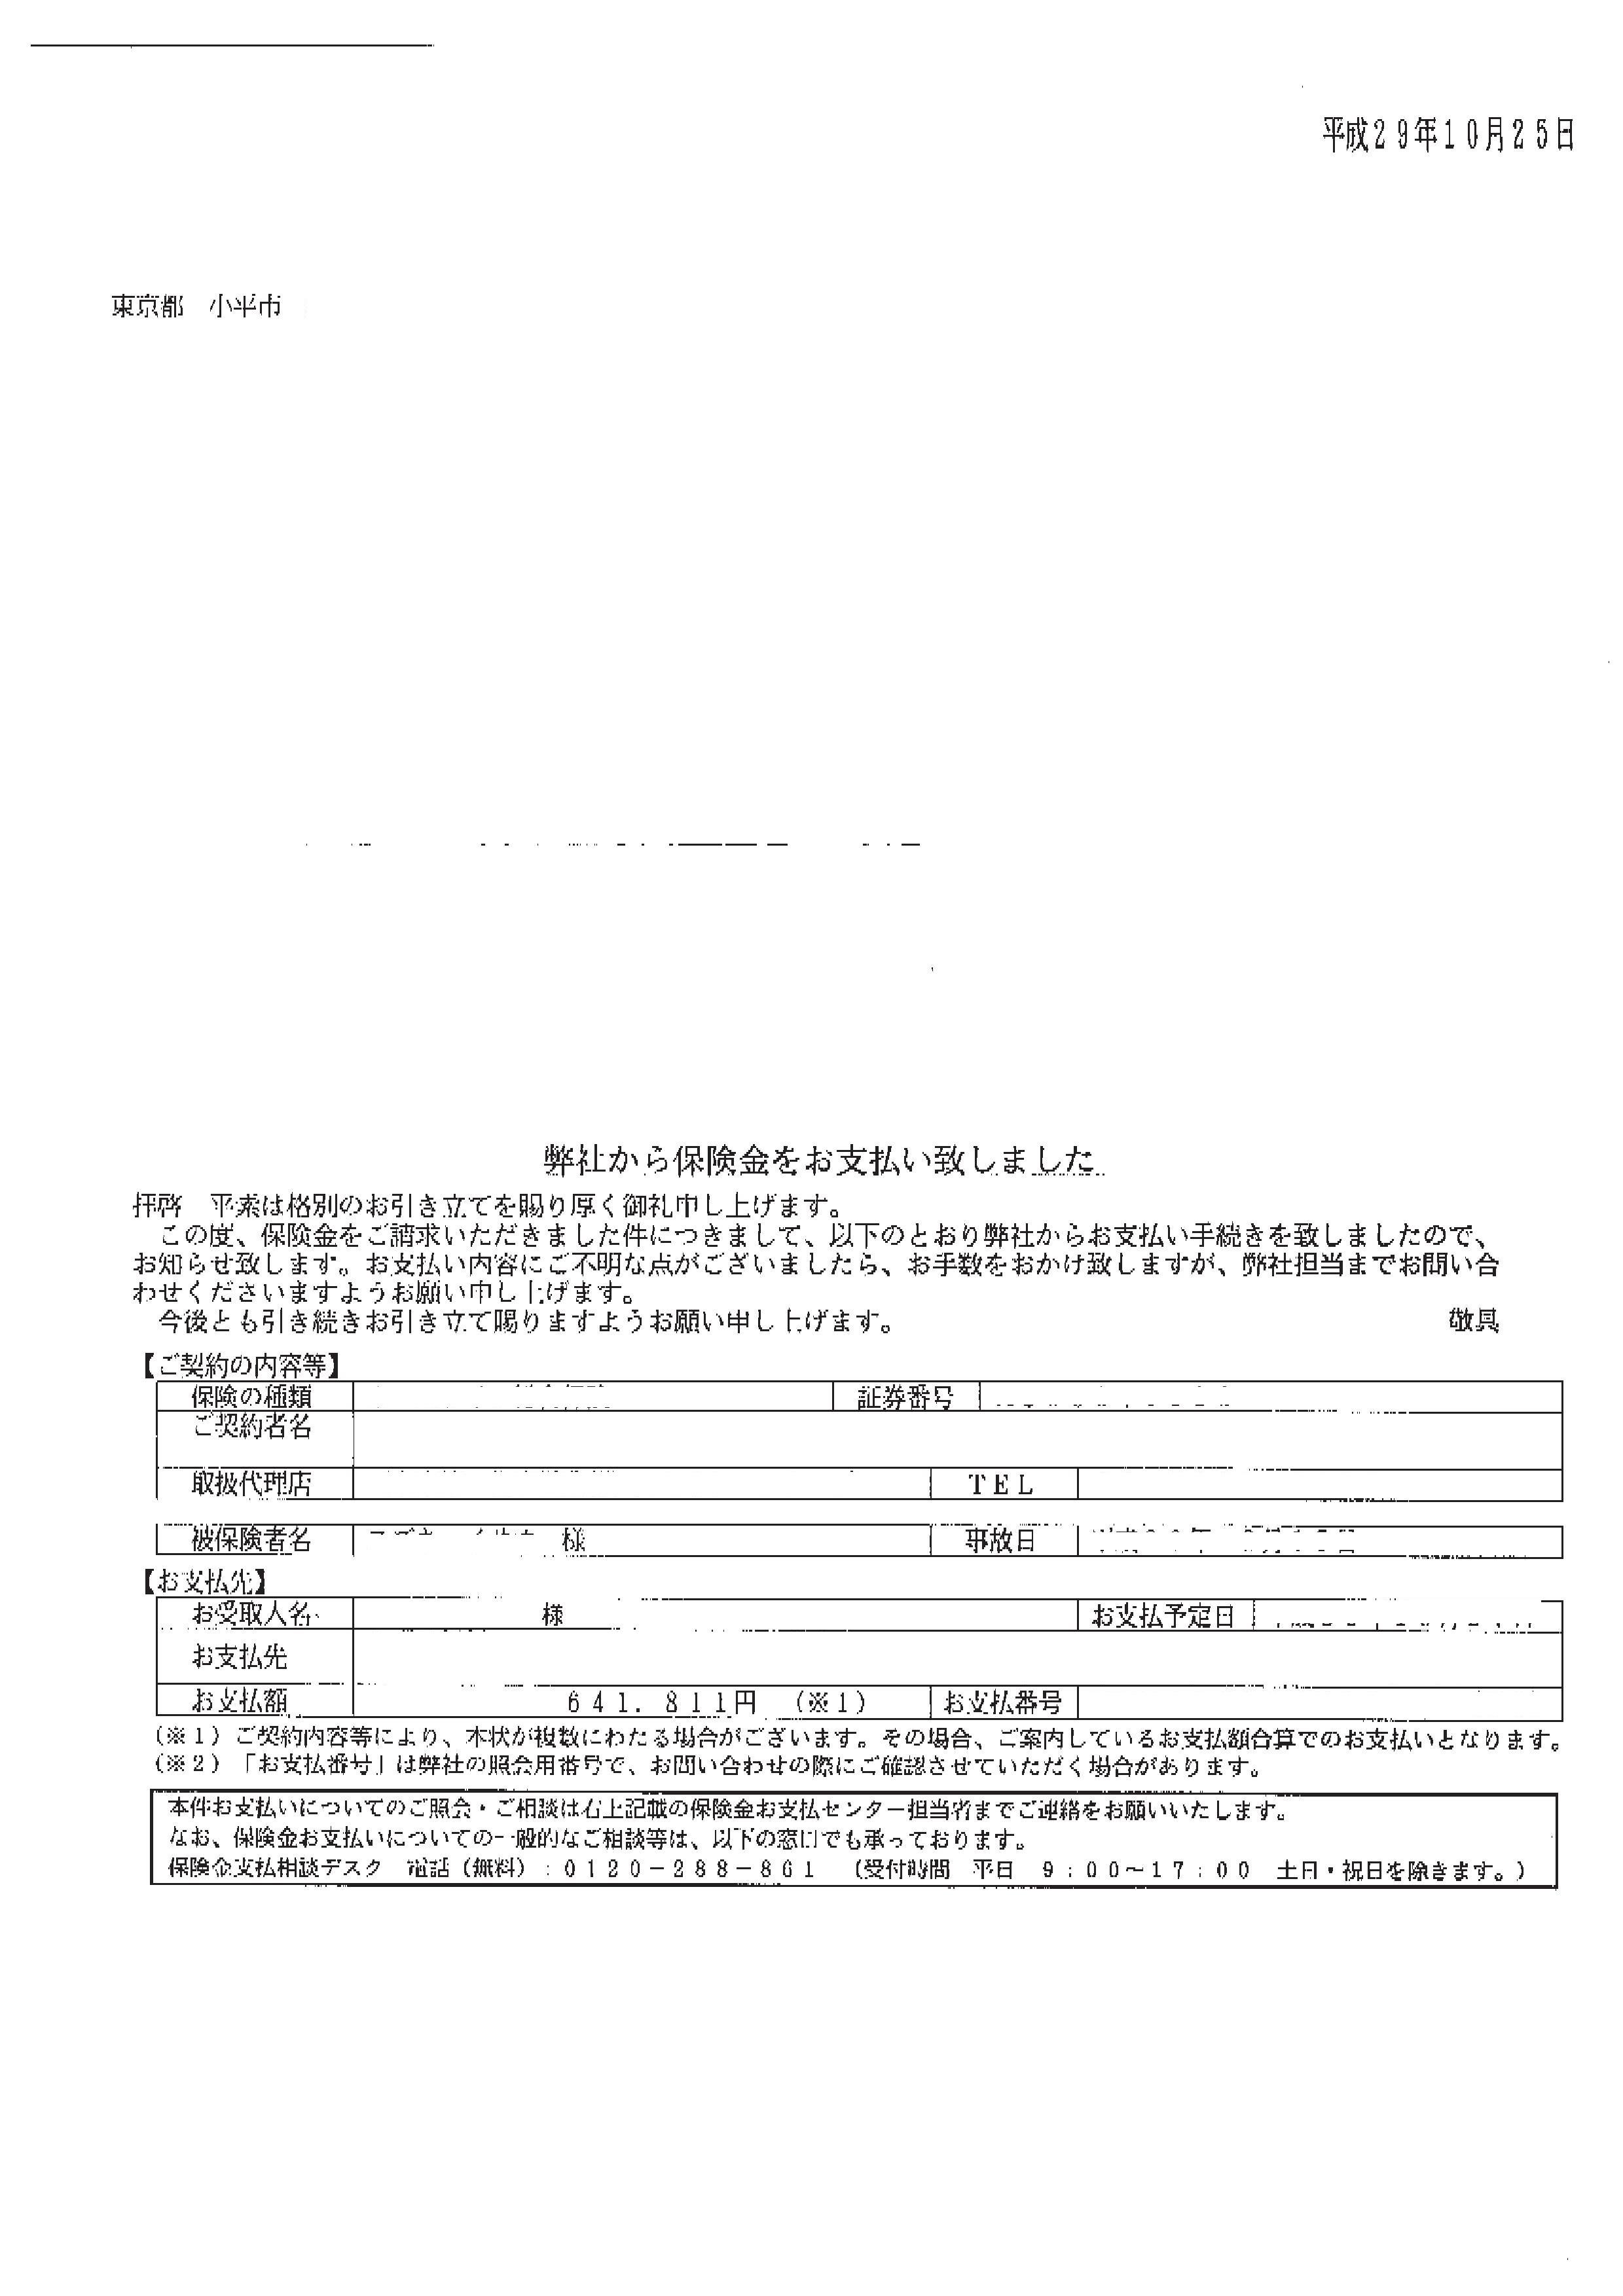 鈴木様 地震・火災 証明書-001